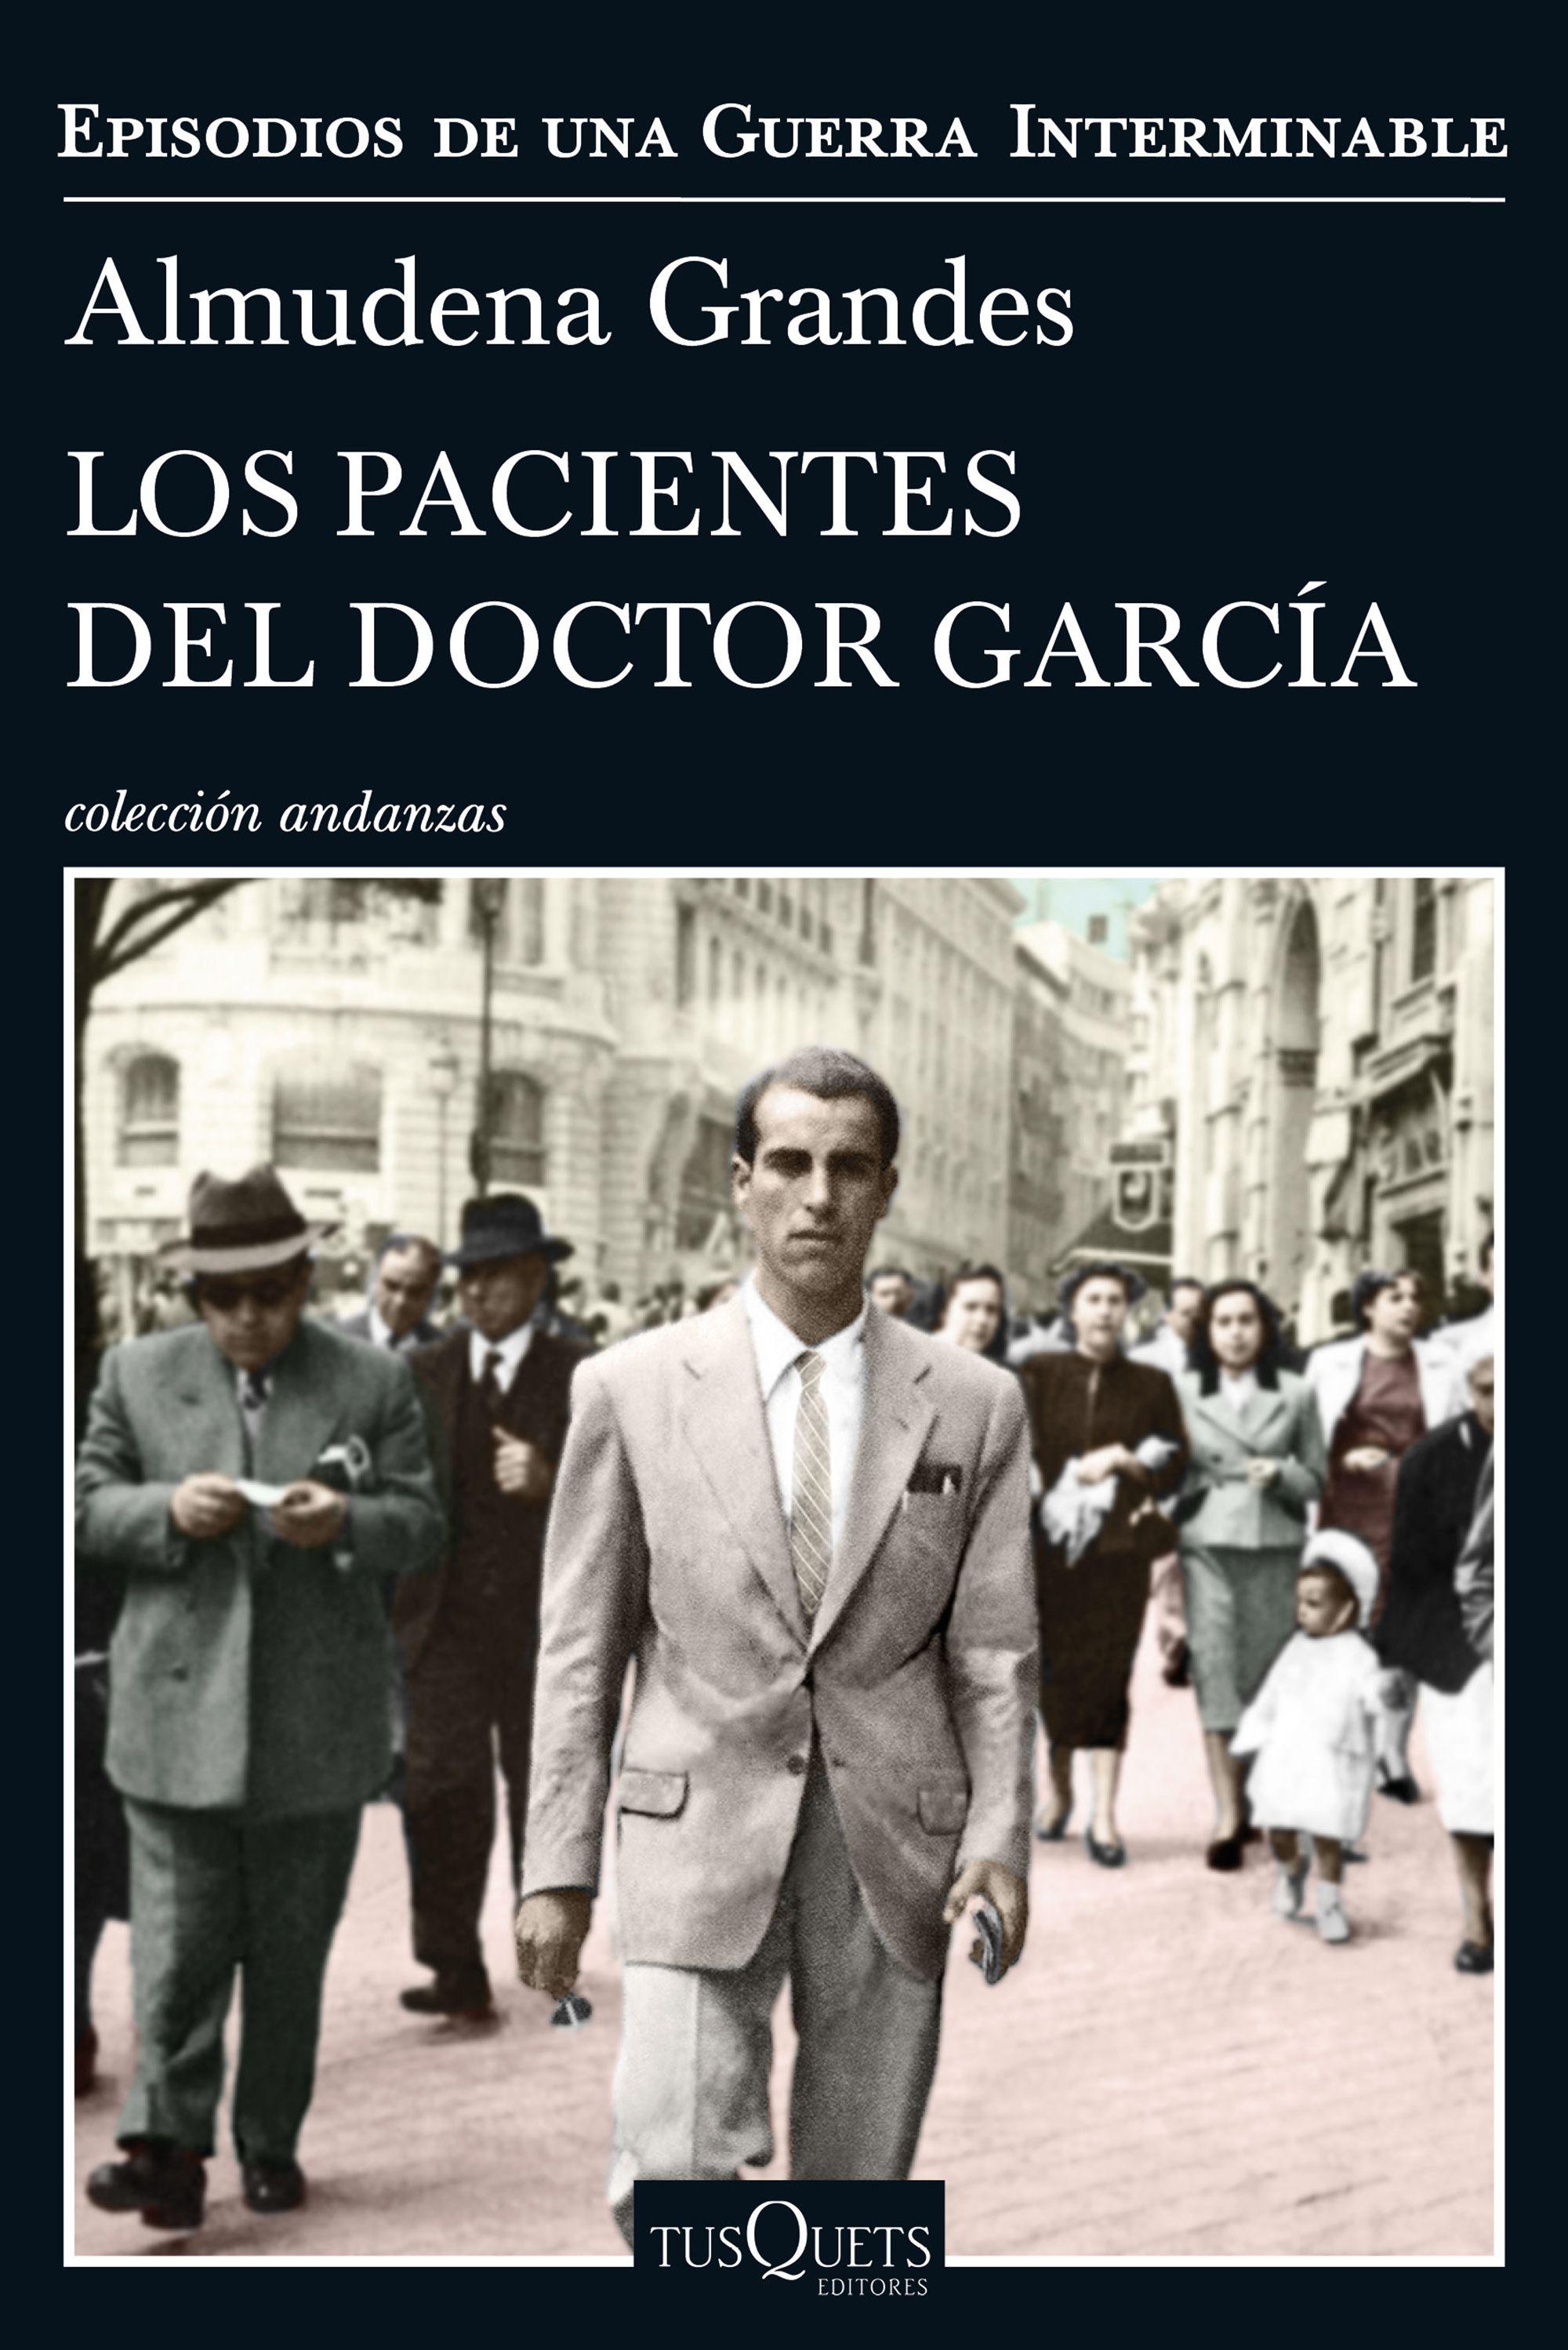 Los Pacientes del Doctor García - Almudena Grandes - Tusquets